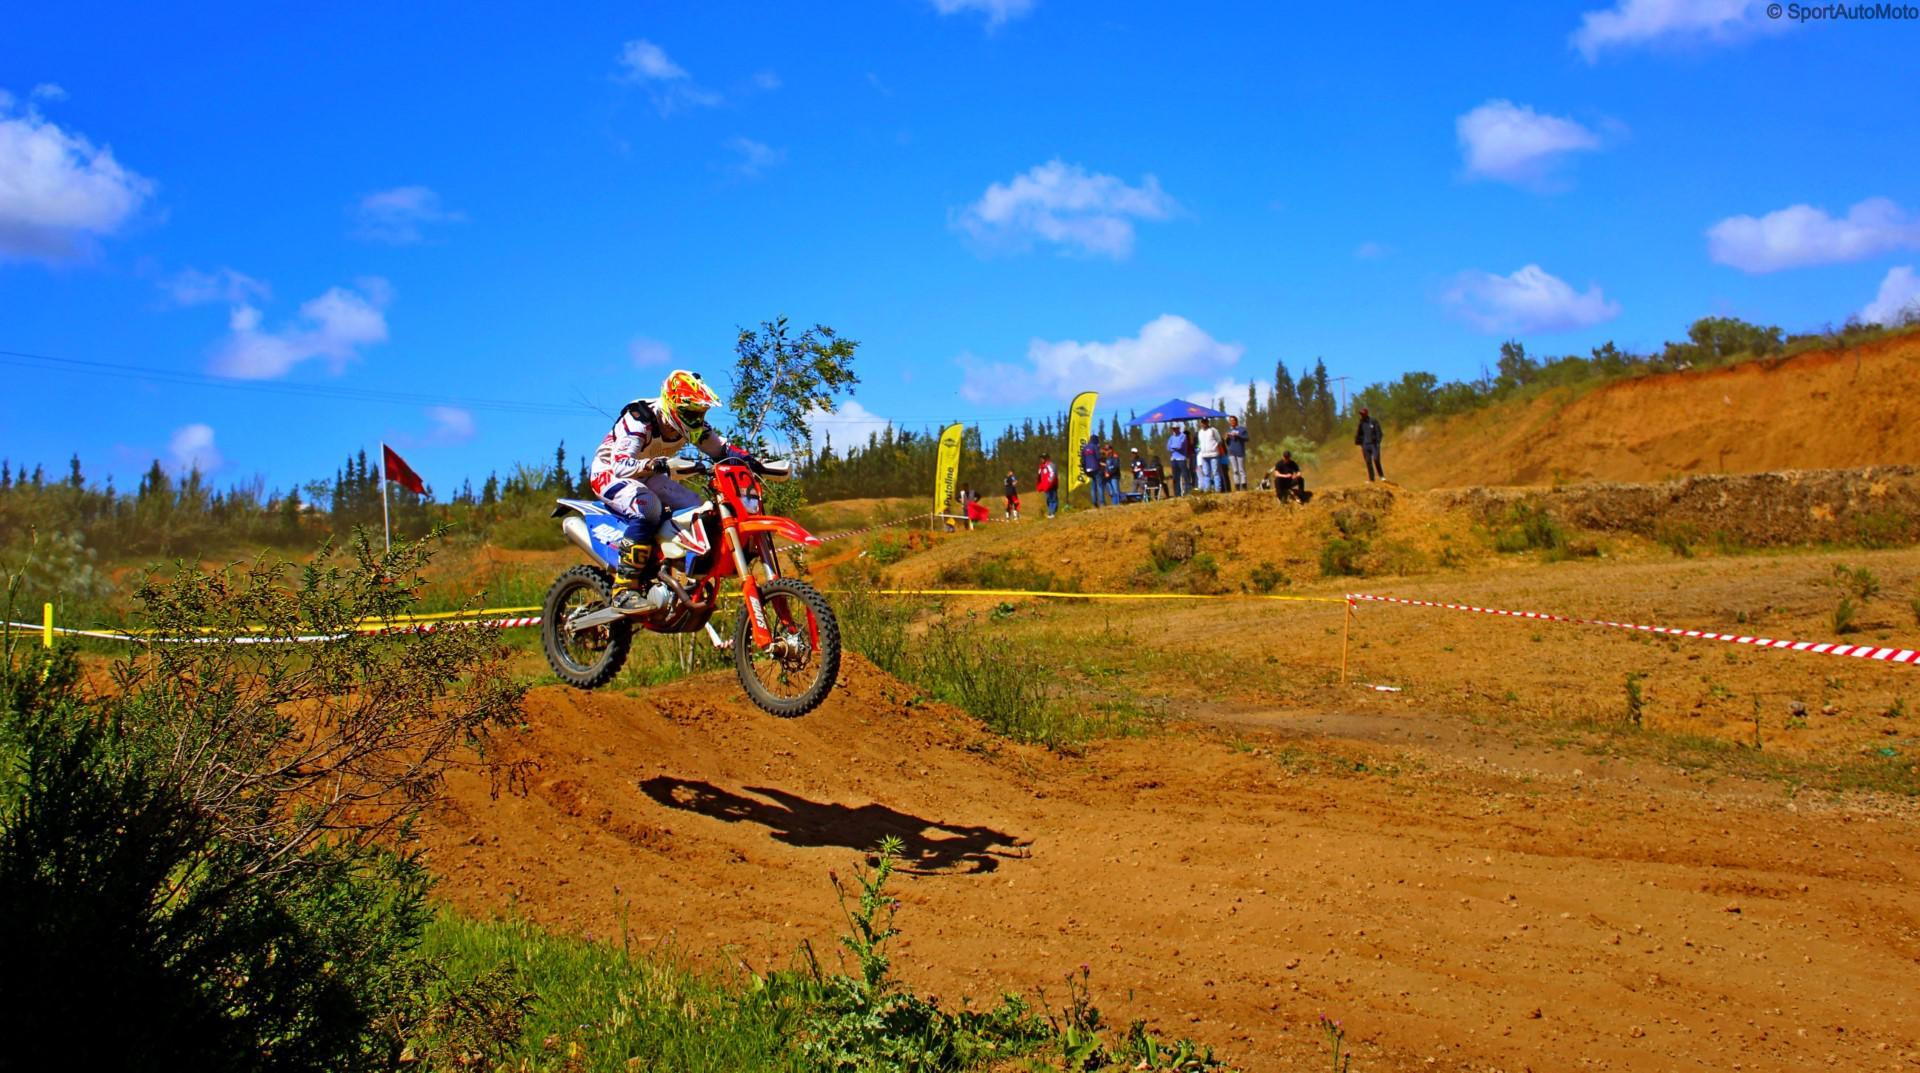 championnat-du-maroc-de-motocross-kenitra-774-29.jpg